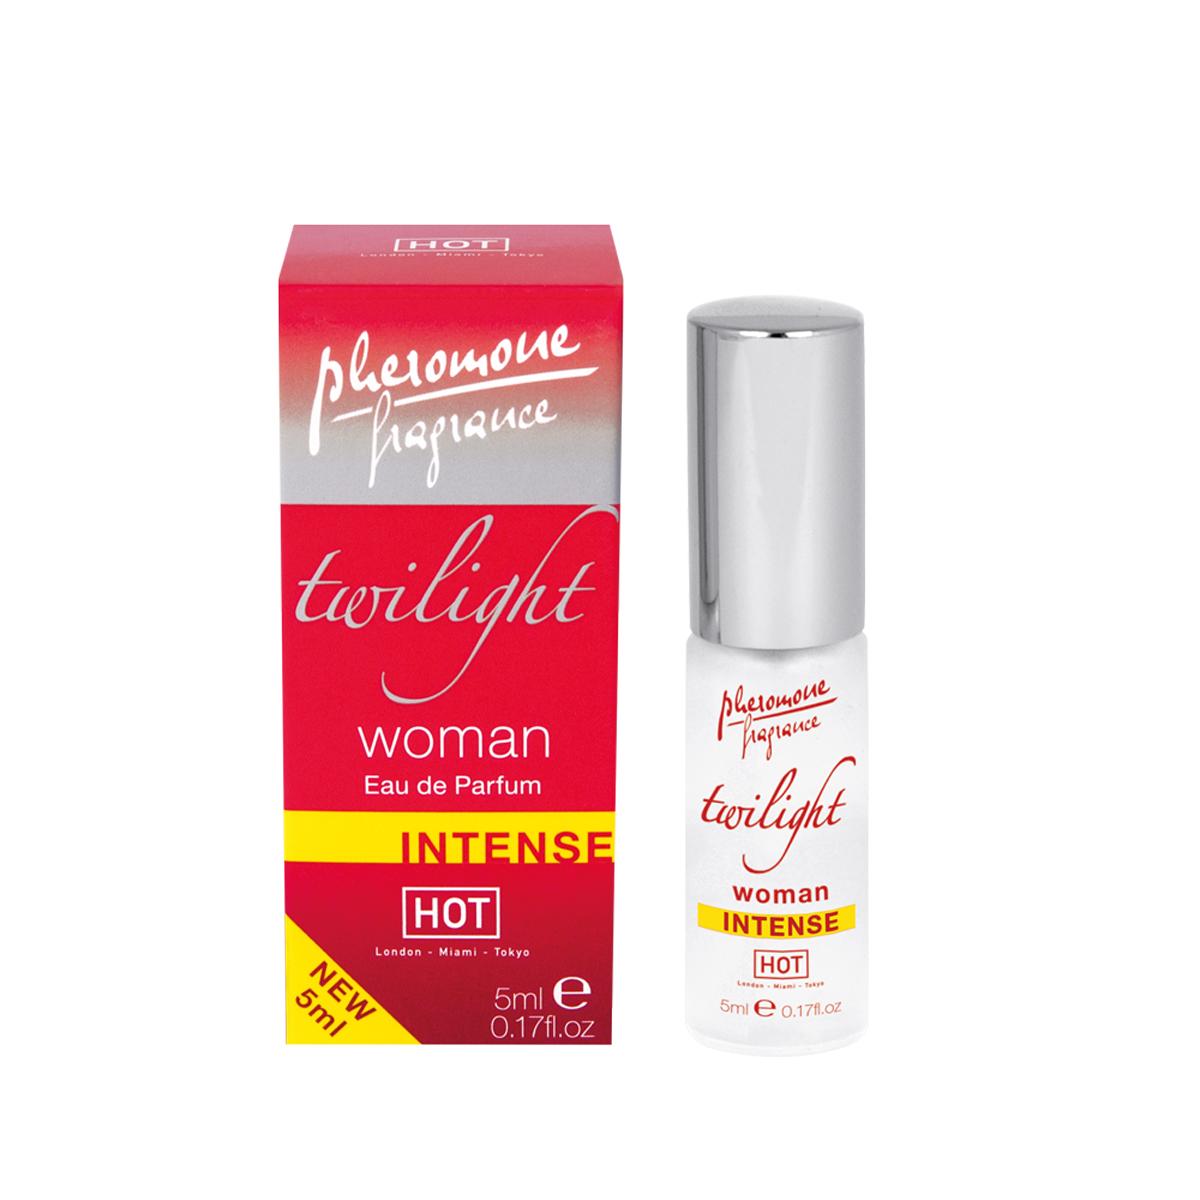 Hot Женские духи с феромонами Twilight Intense, 5 мл55055Высококачественный парфюм, обогащенный феромонами. Этот аромат поразит желанную цель прямо в сердце!